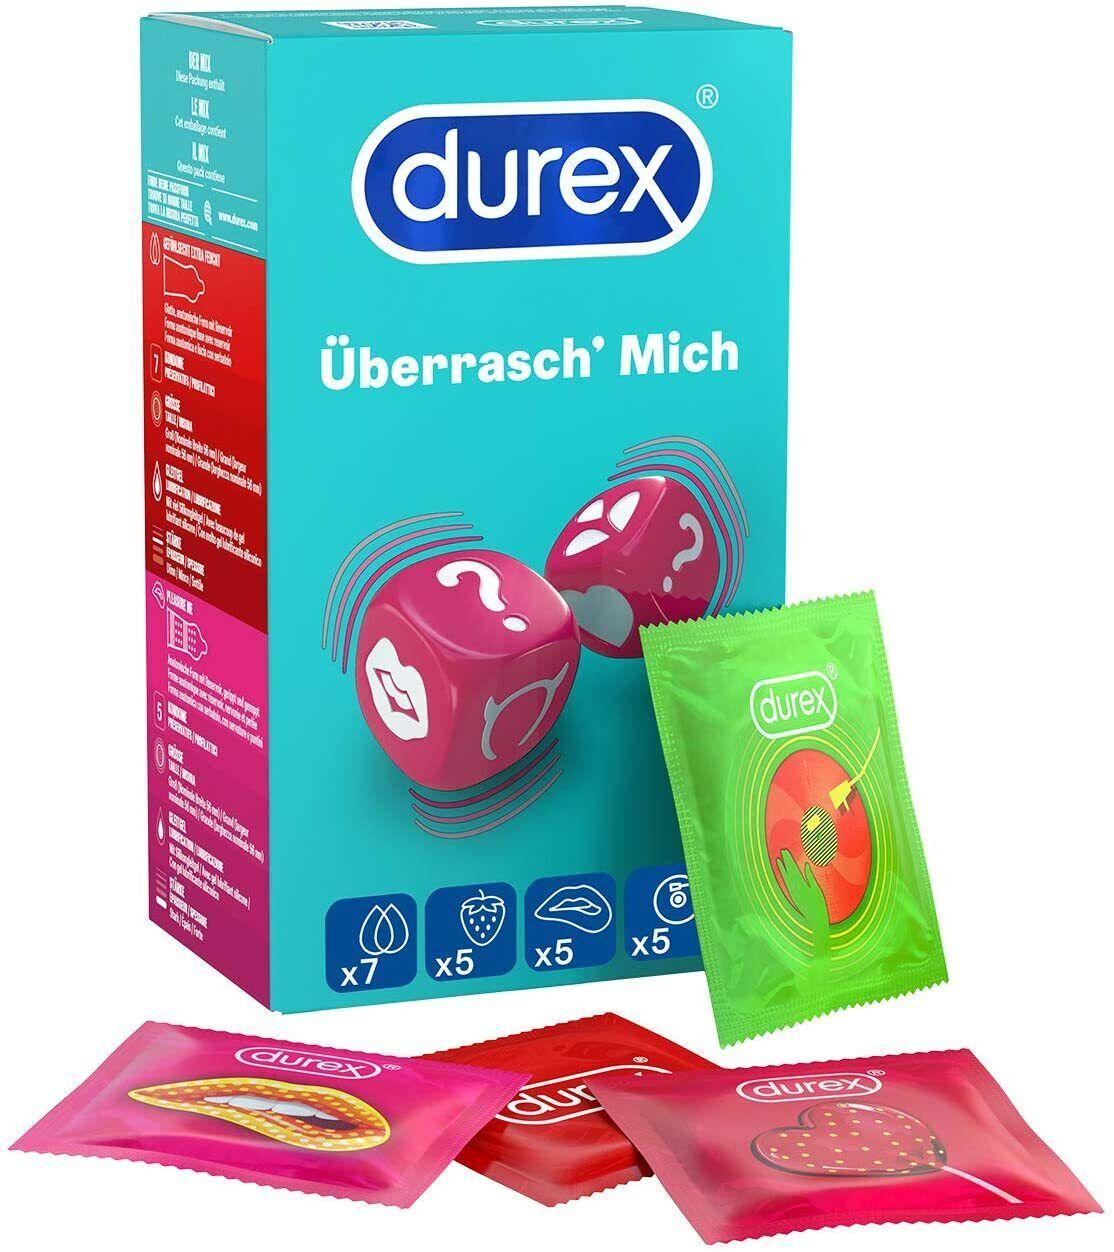 Durex Überrasch Mich Kondom-Mix Präservative Kondome Verhütungsmittel 22 Stück